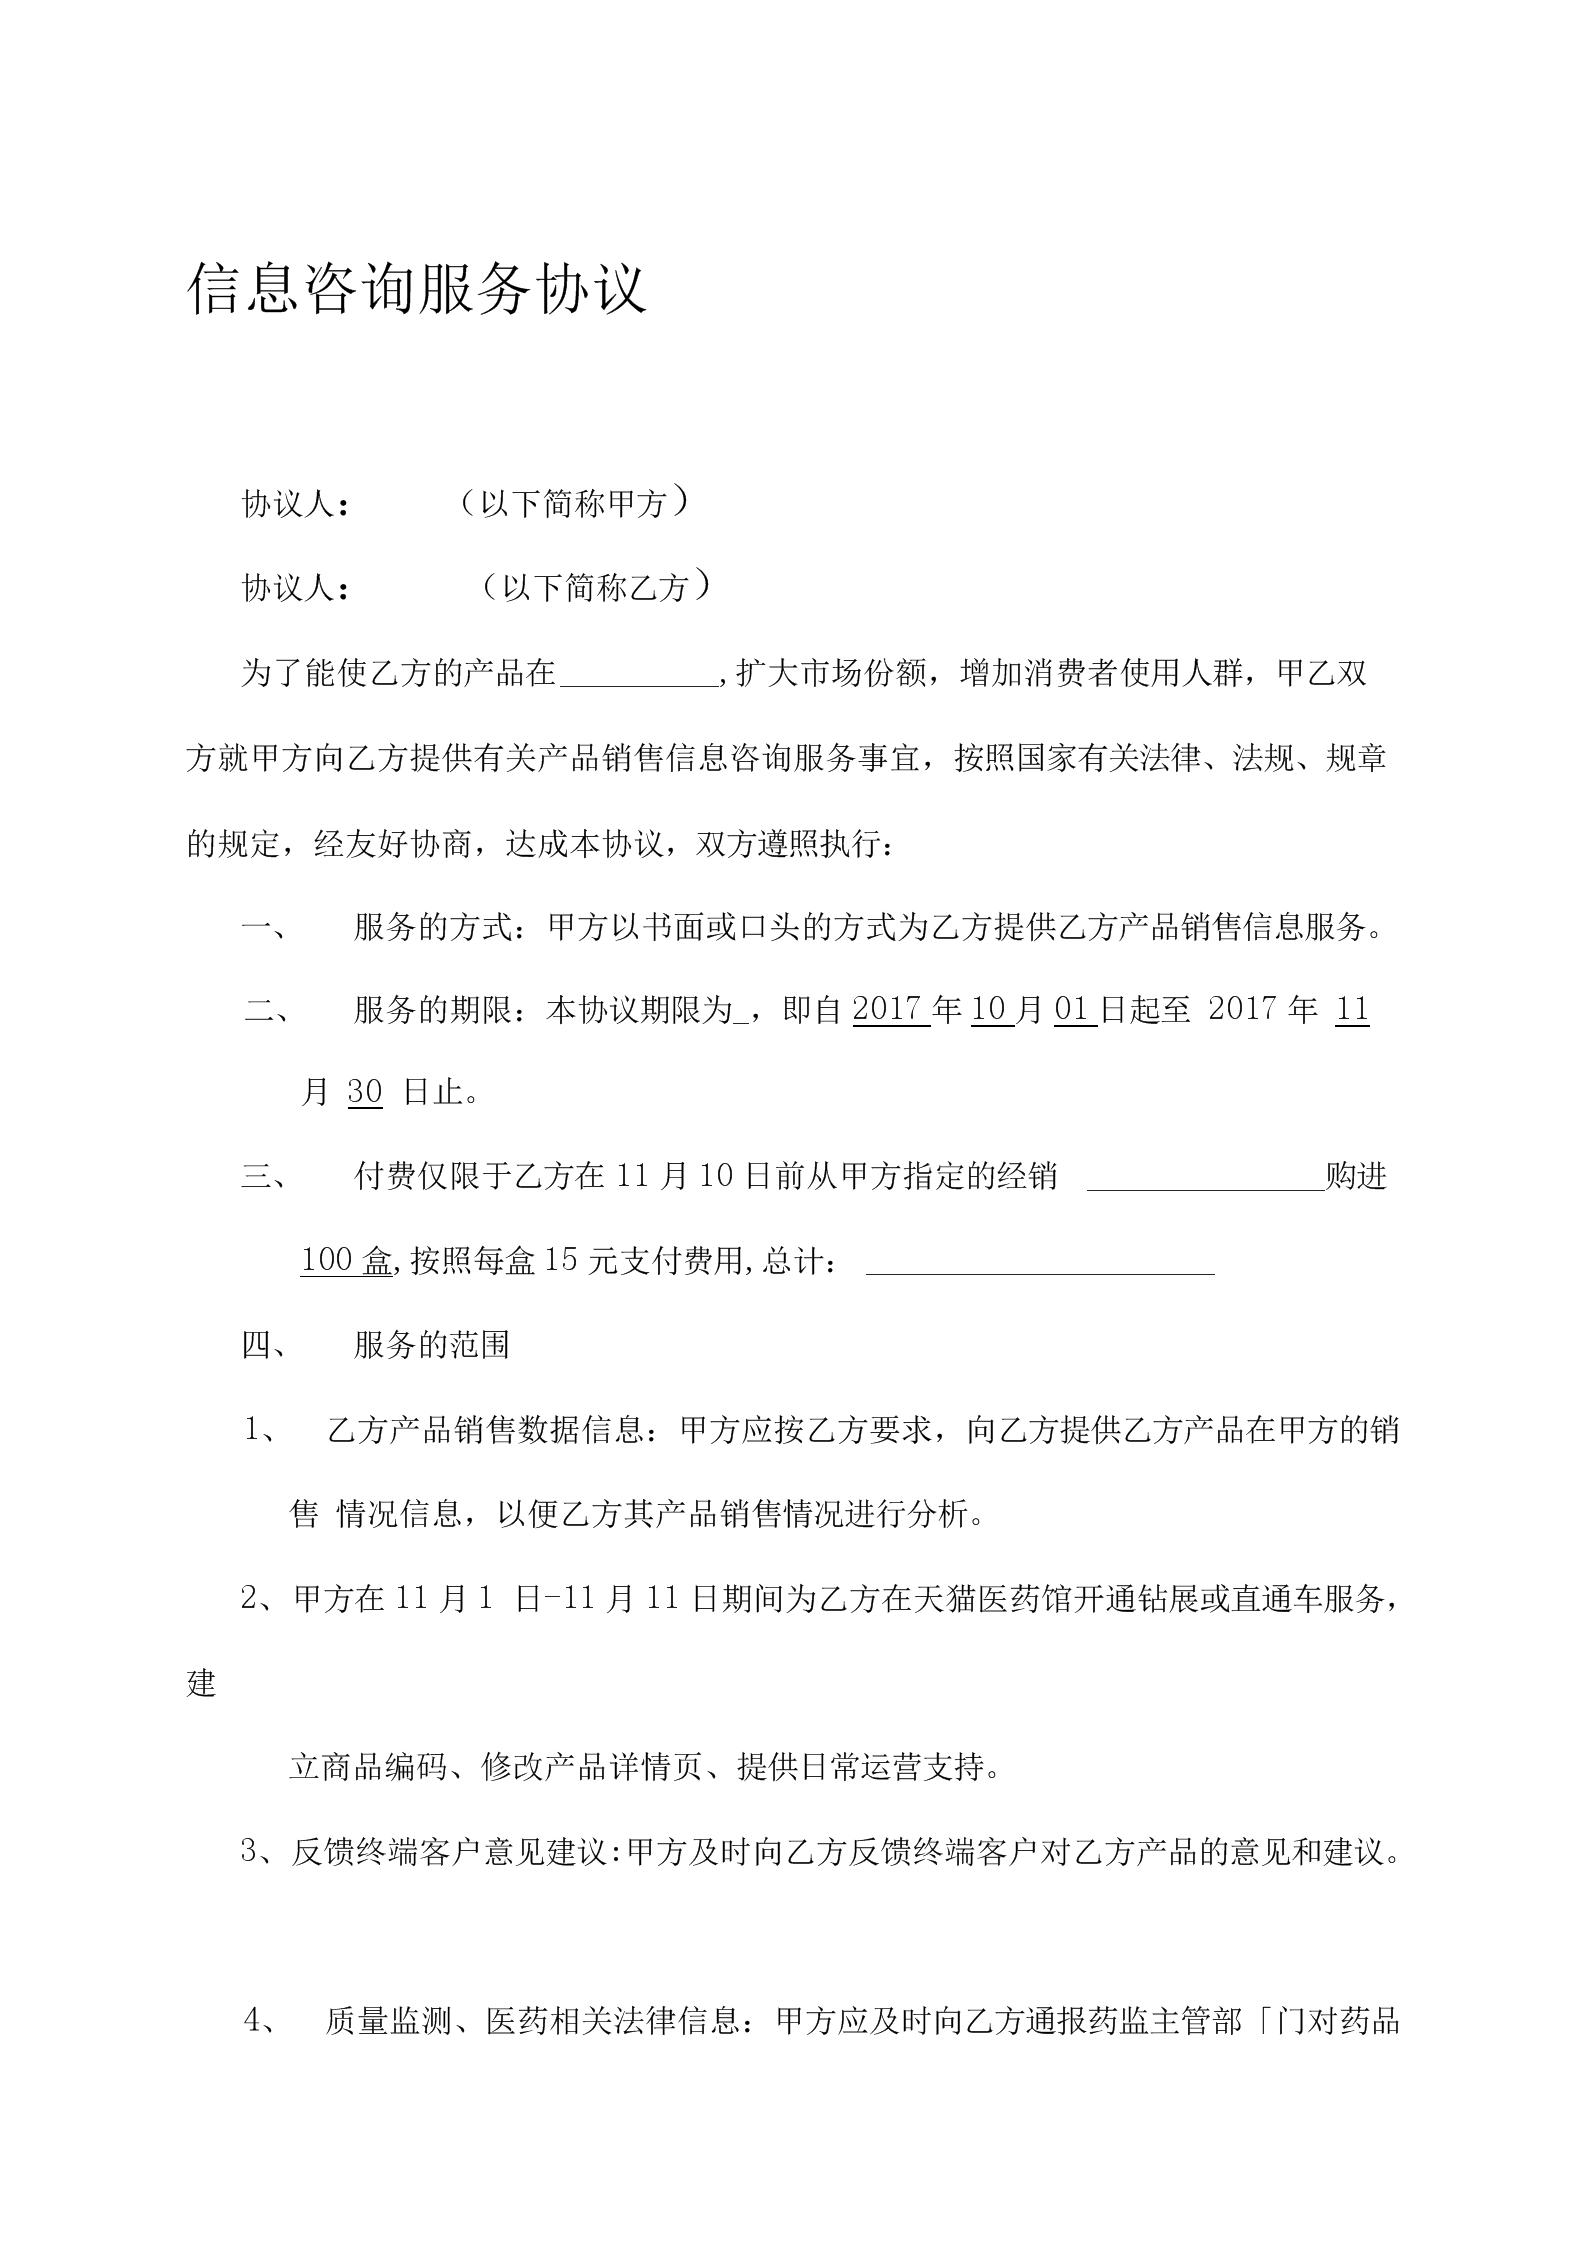 信息咨询服务协议(模板).docx